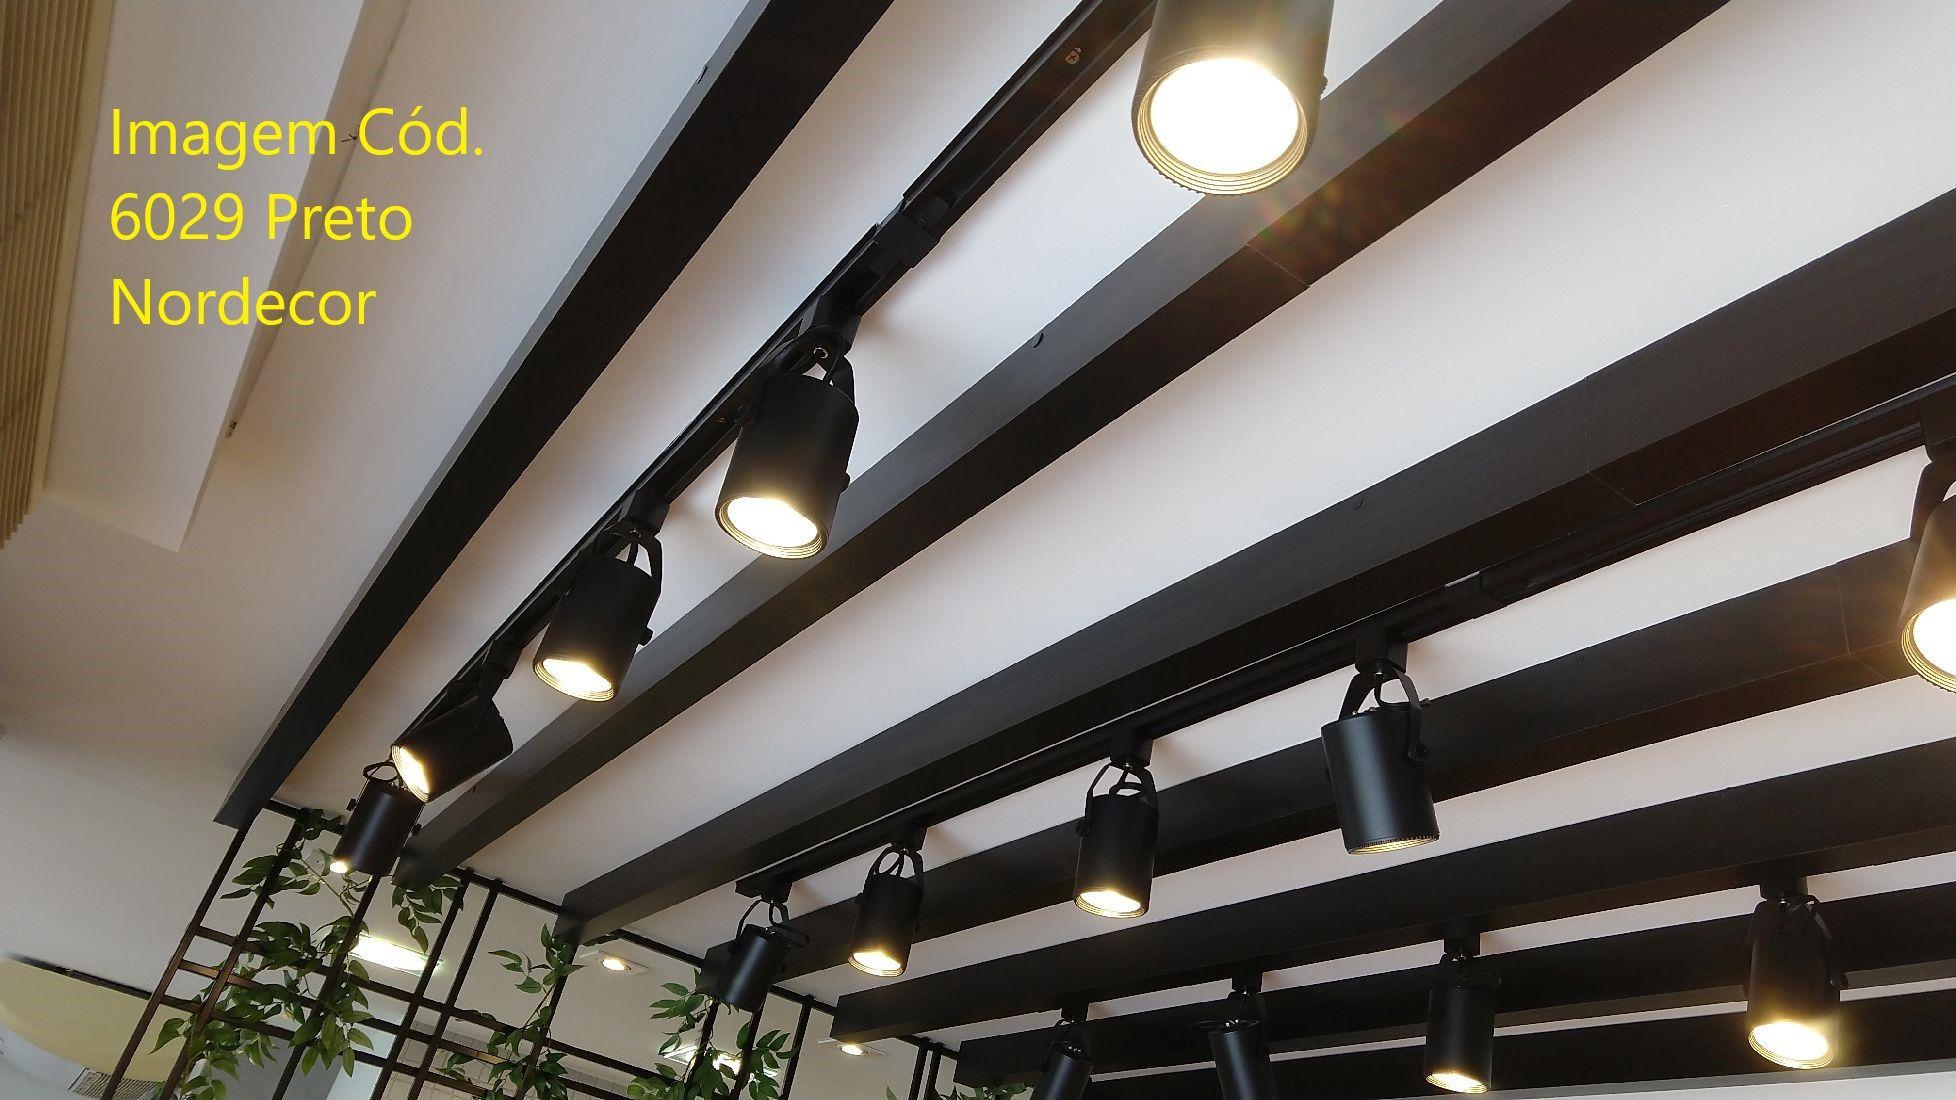 Kit Trilho Eletrificado 1,5m Preto Lille Nordecor + 4 Spot Par20 + Lâmp. Led Luz Quente